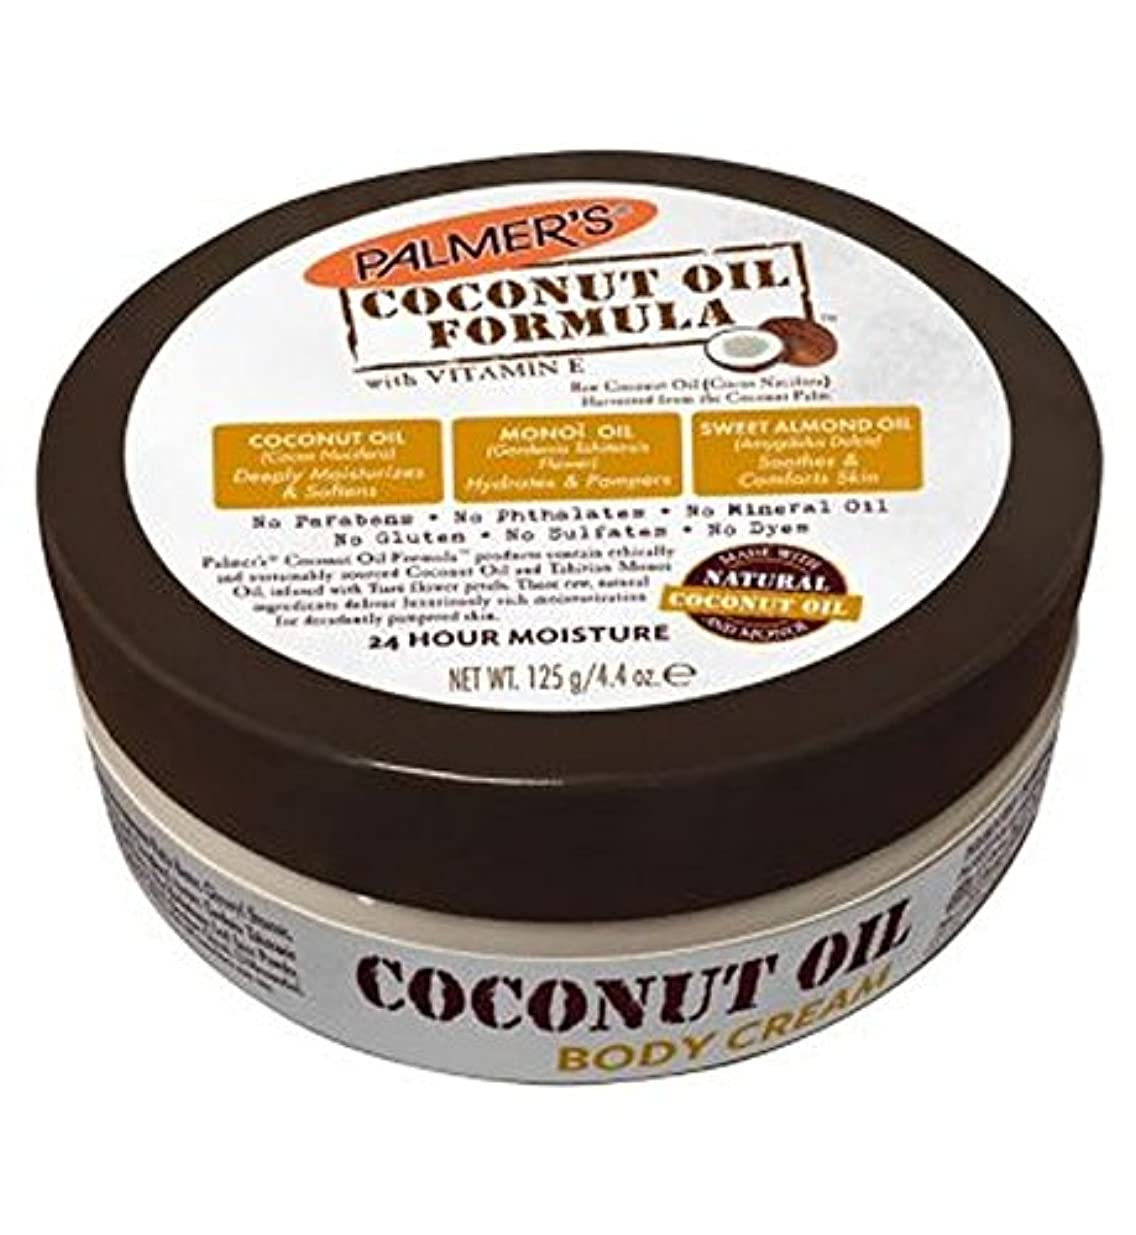 データ徐々に正確さPalmer's Coconut Oil Formula Body Cream 125g - パーマーのヤシ油式ボディクリーム125グラム (Palmer's) [並行輸入品]